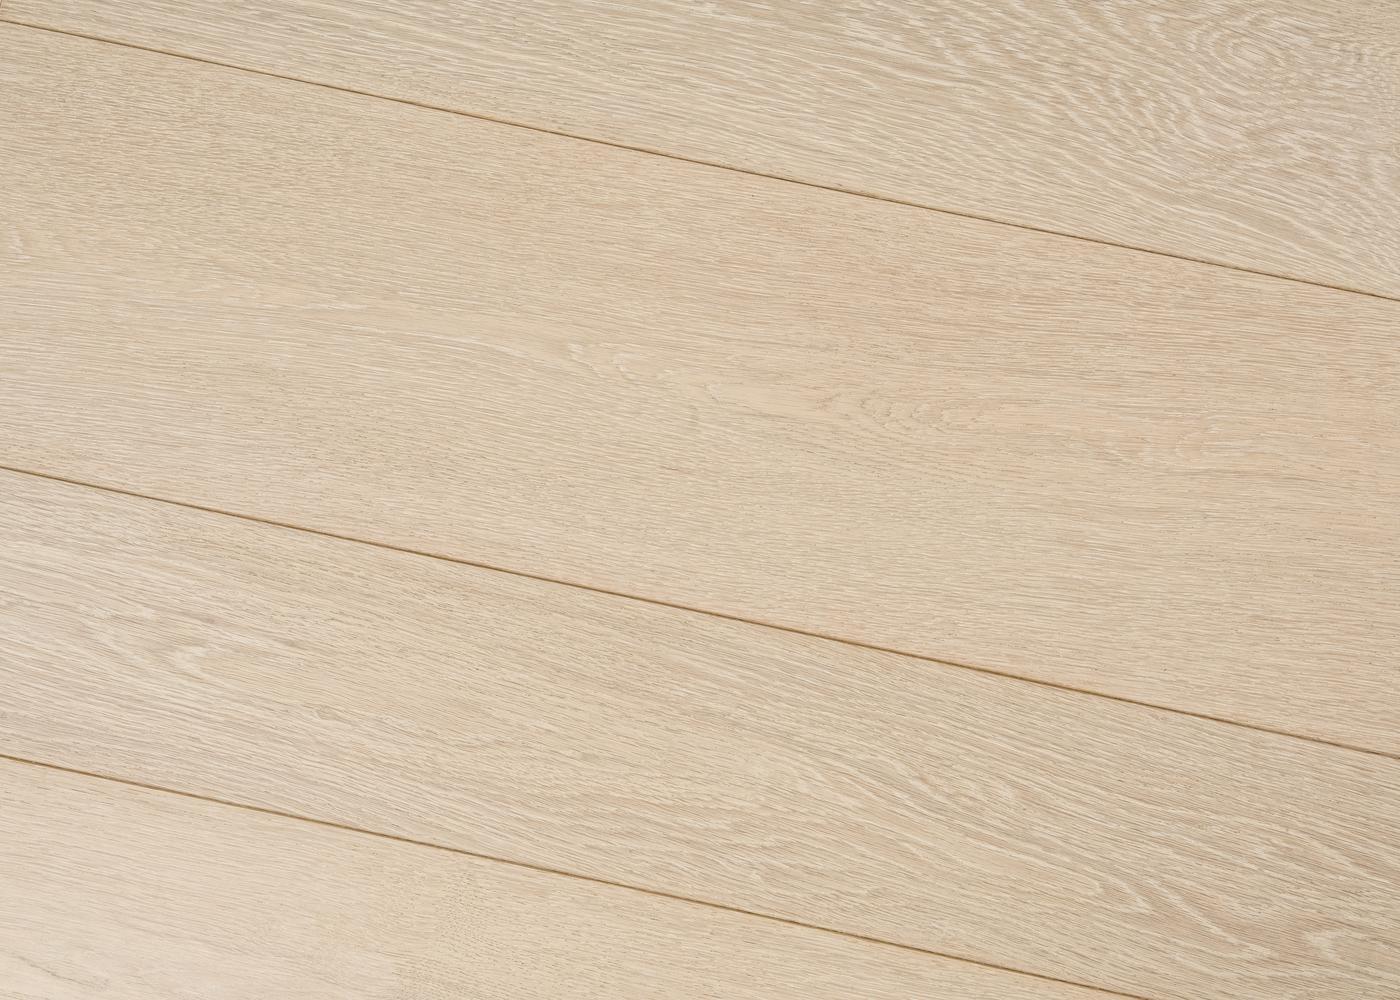 Parquet chêne contrecollé CALCAIRE huile cire PRBis 14x148x2200